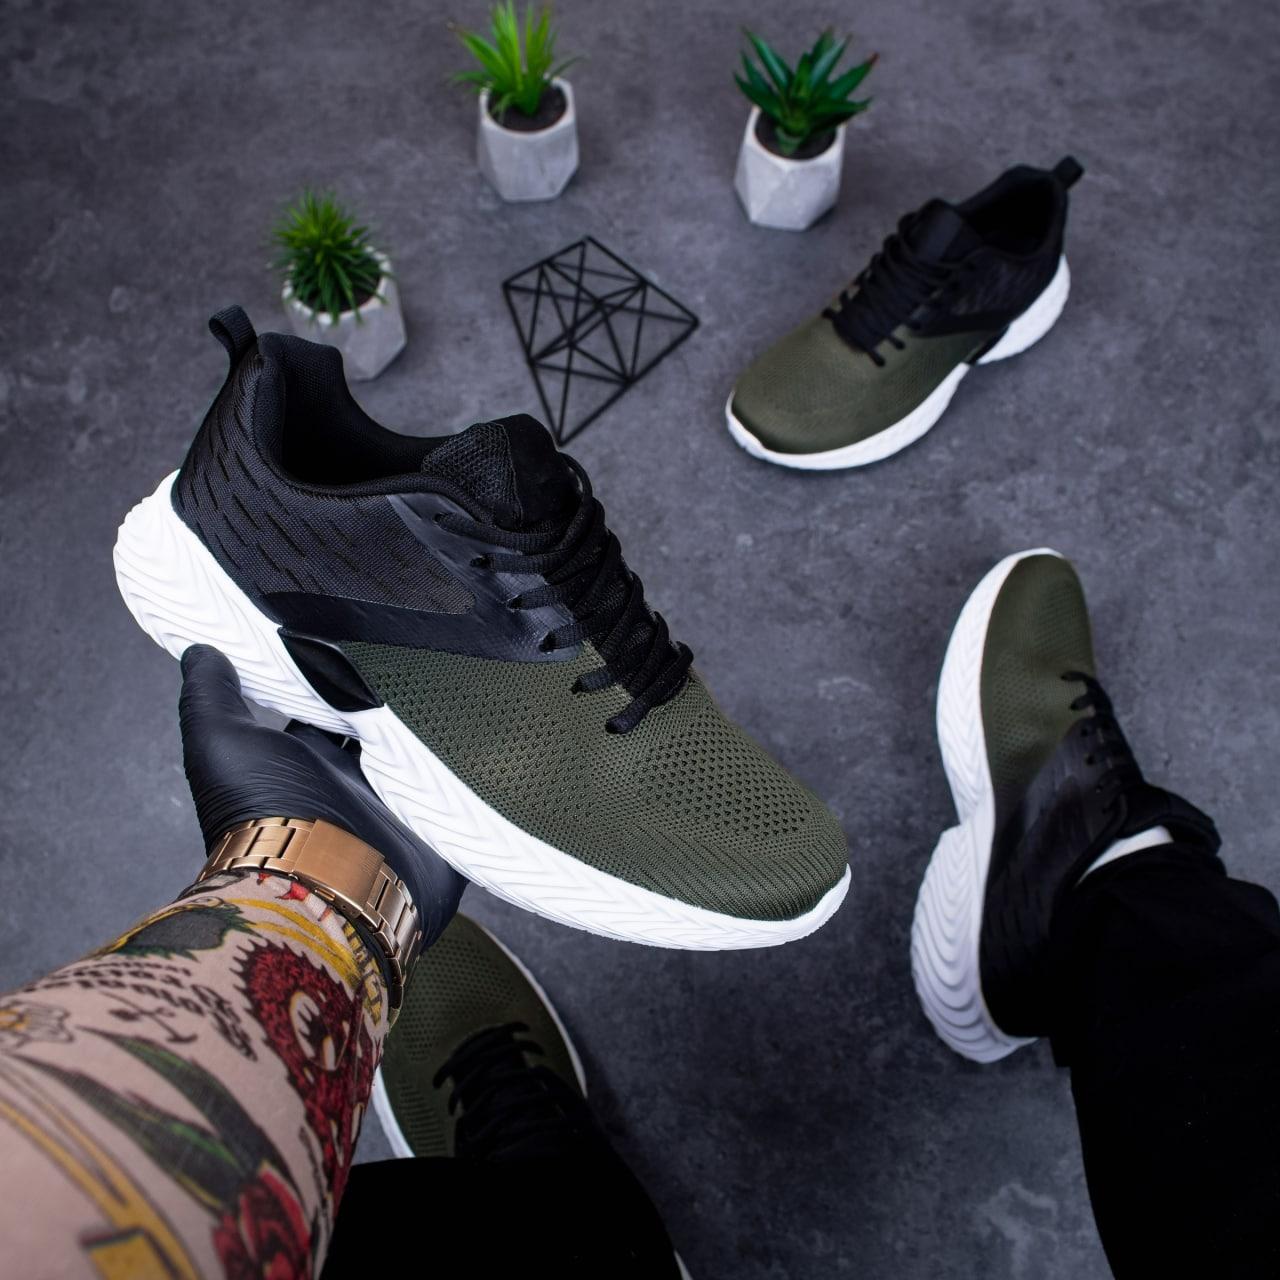 Чоловічі кросівки Ривал Пікок (хакі-чорні)41-45